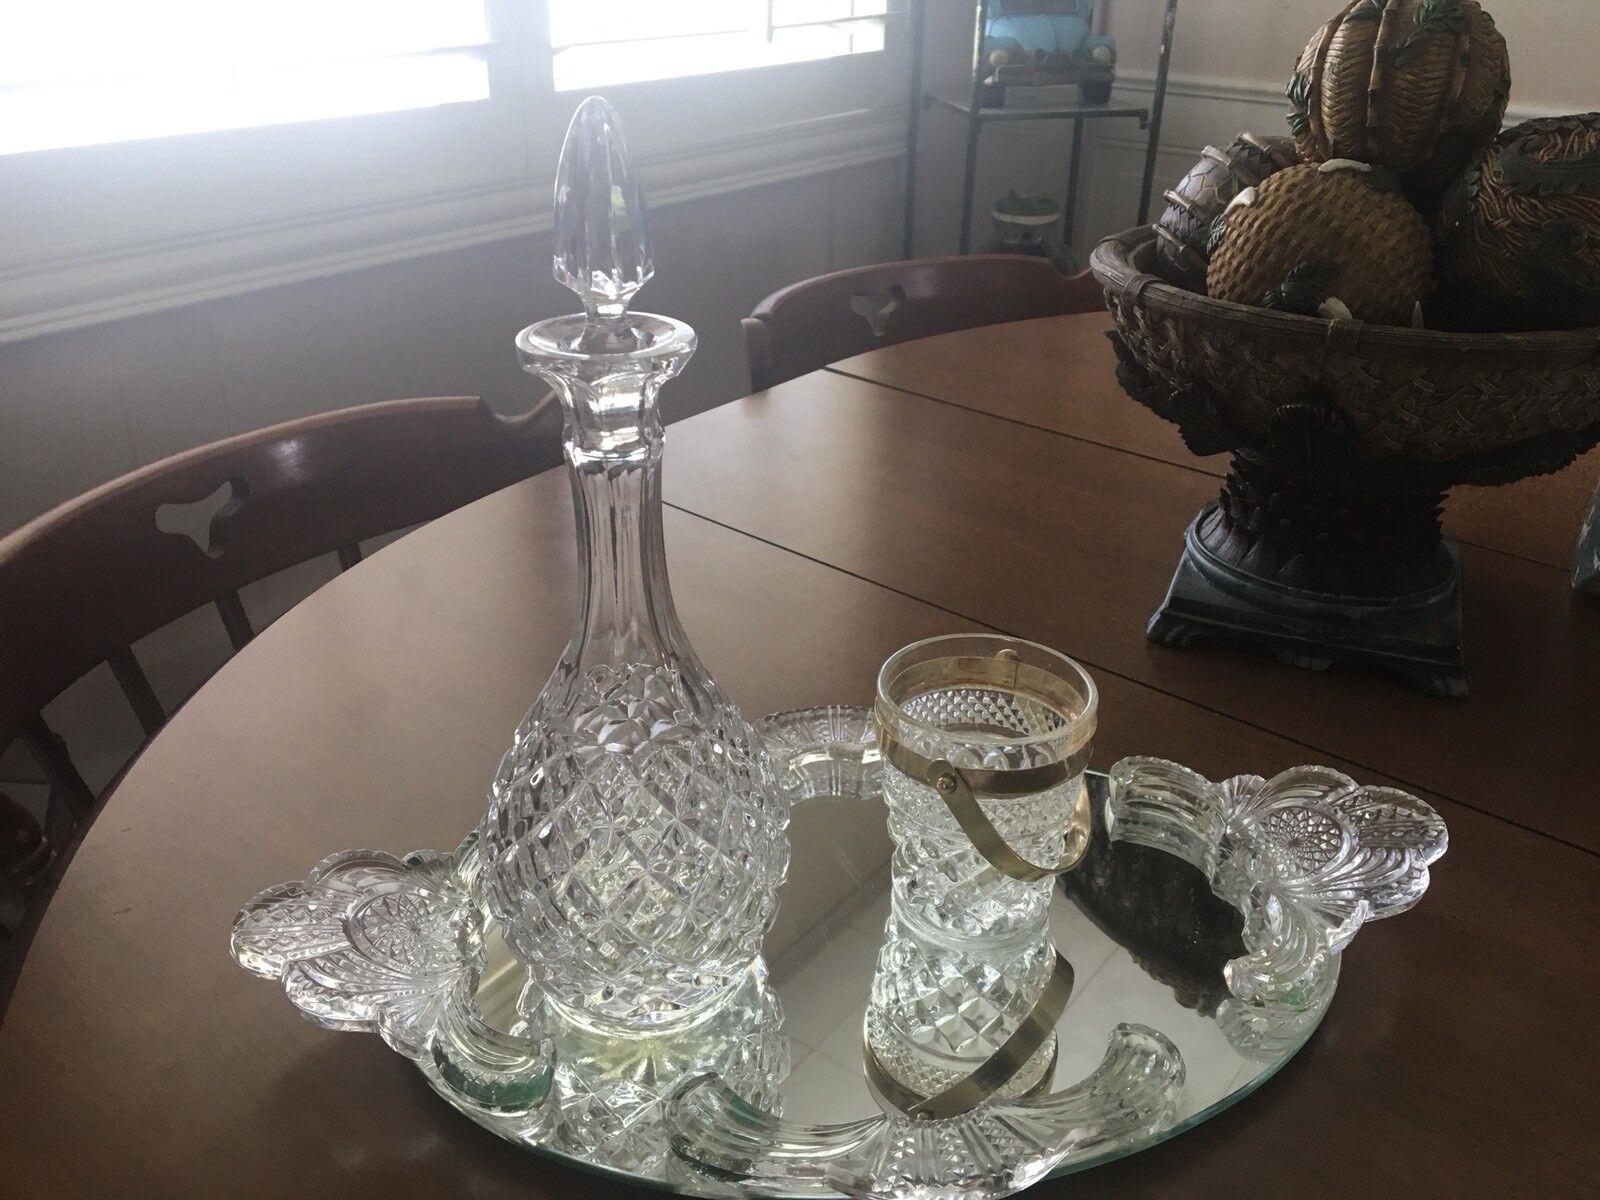 Cristal wine decanter avec miroir et personnels Seau à glace